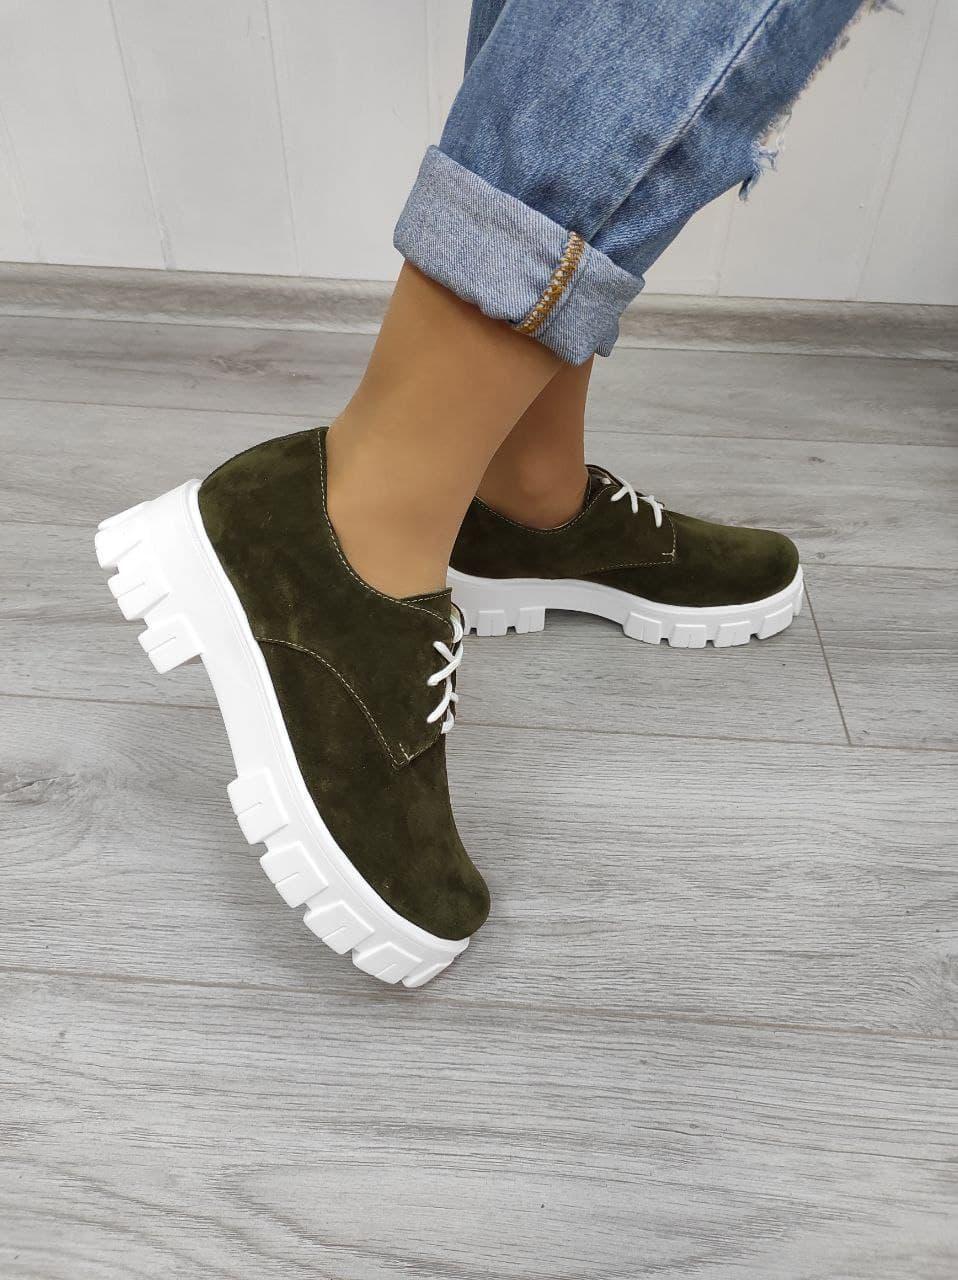 Замшевые туфли на платформе  из натурального материала